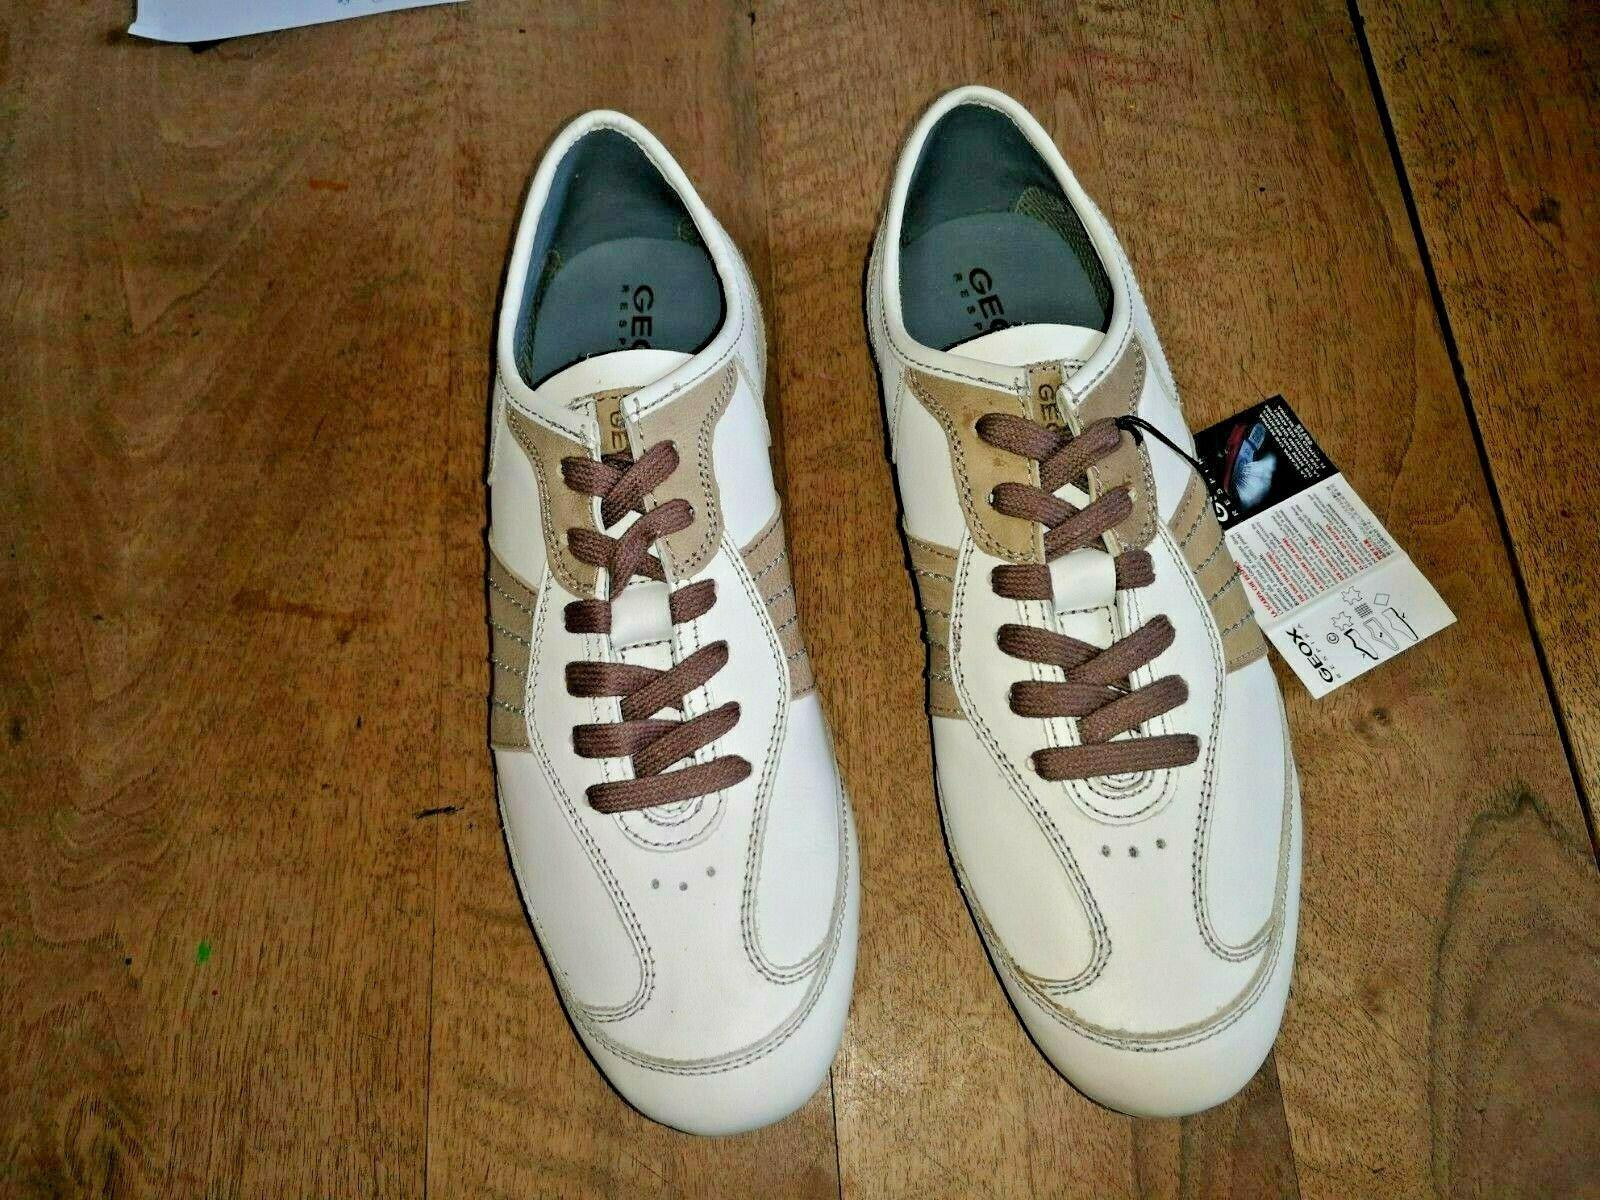 Geox Path Zapatillas Cuero blancoo Marrón Nuevo Valor 119E Talla 45